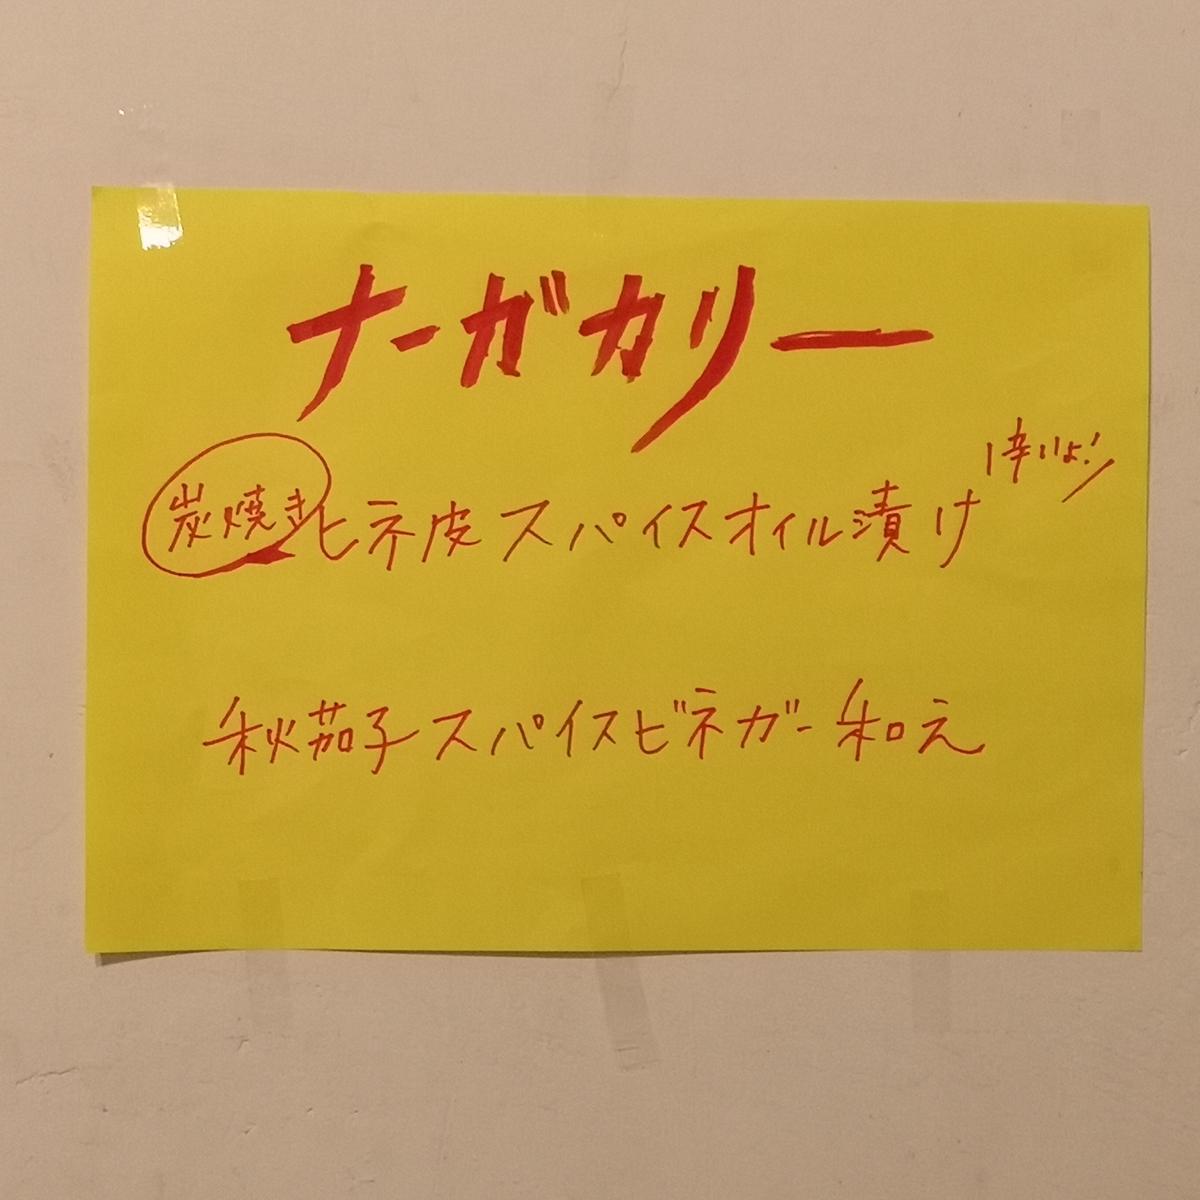 カレー事情聴取スパイス定食&バルVol.7 2019年10月18日 ナーガカリー メニュー